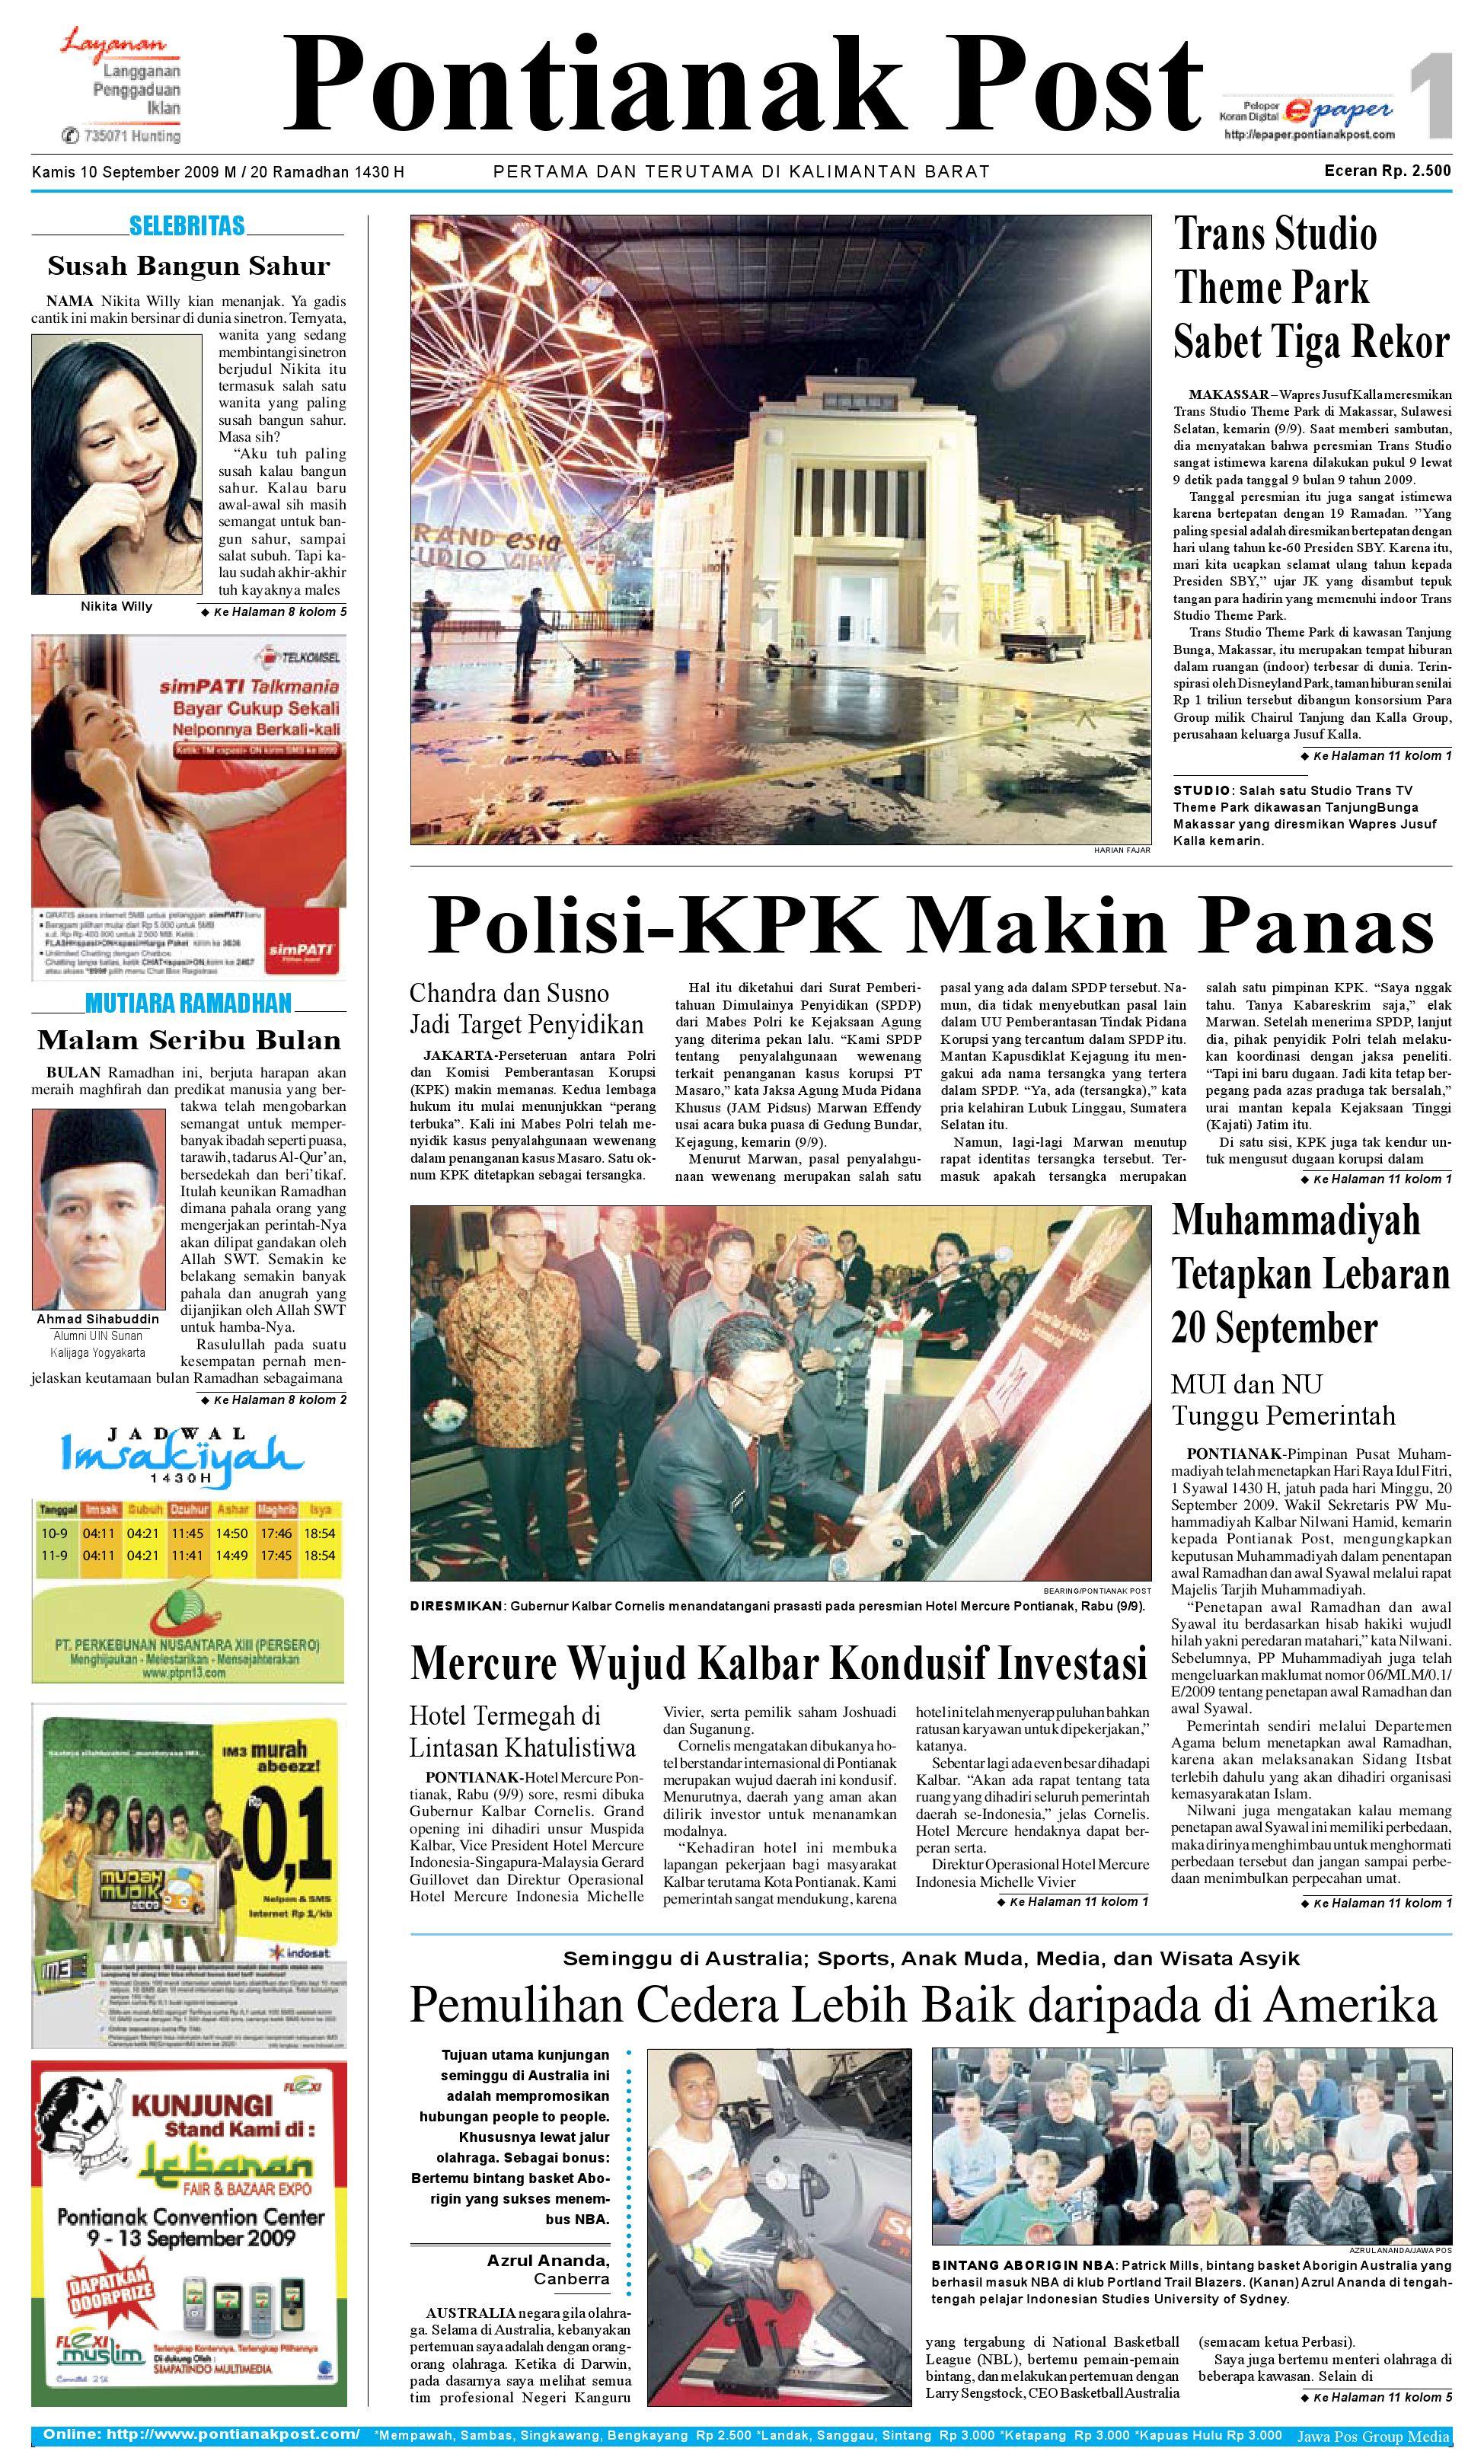 Pontianak Post By Issuu Produk Ukm Bumn Mumtaz Cane 93 Original